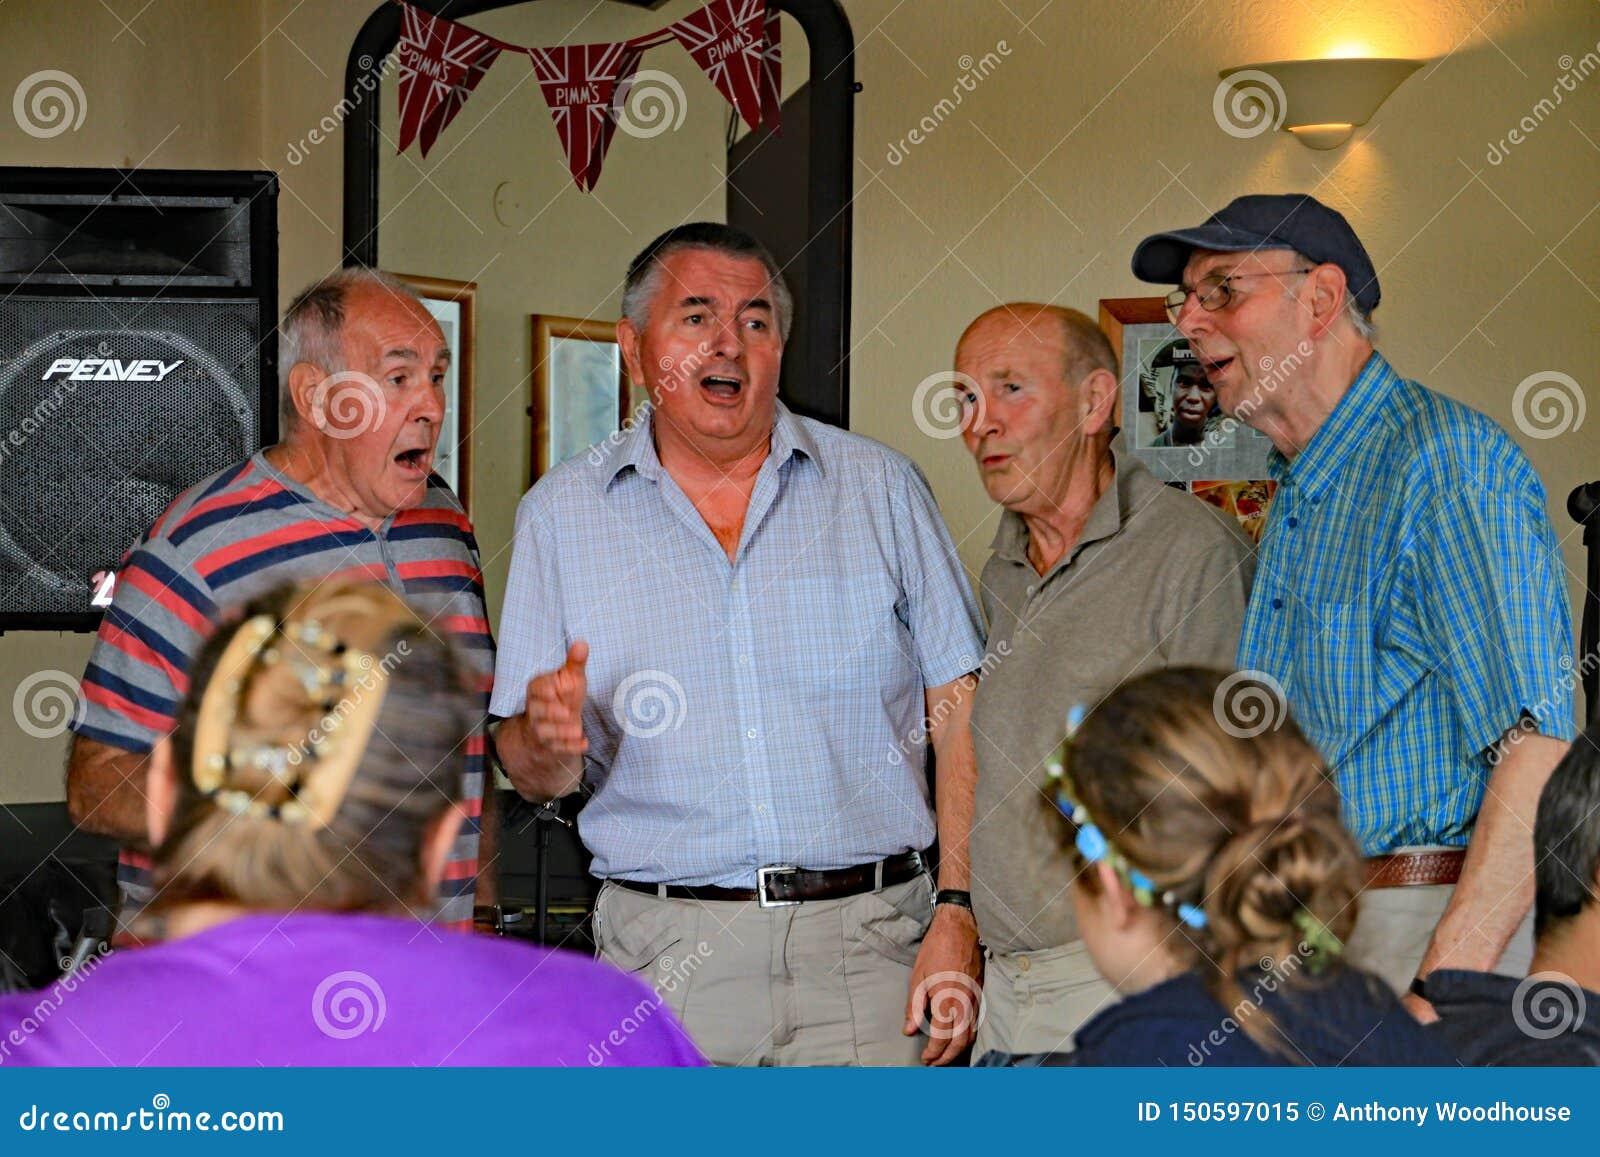 SIDMOUTH, DEVON, ENGLAND - 5. AUGUST 2012: Vier reifere Sänger führen acapella an einer öffentlichen Mikrofonsitzung in einer See